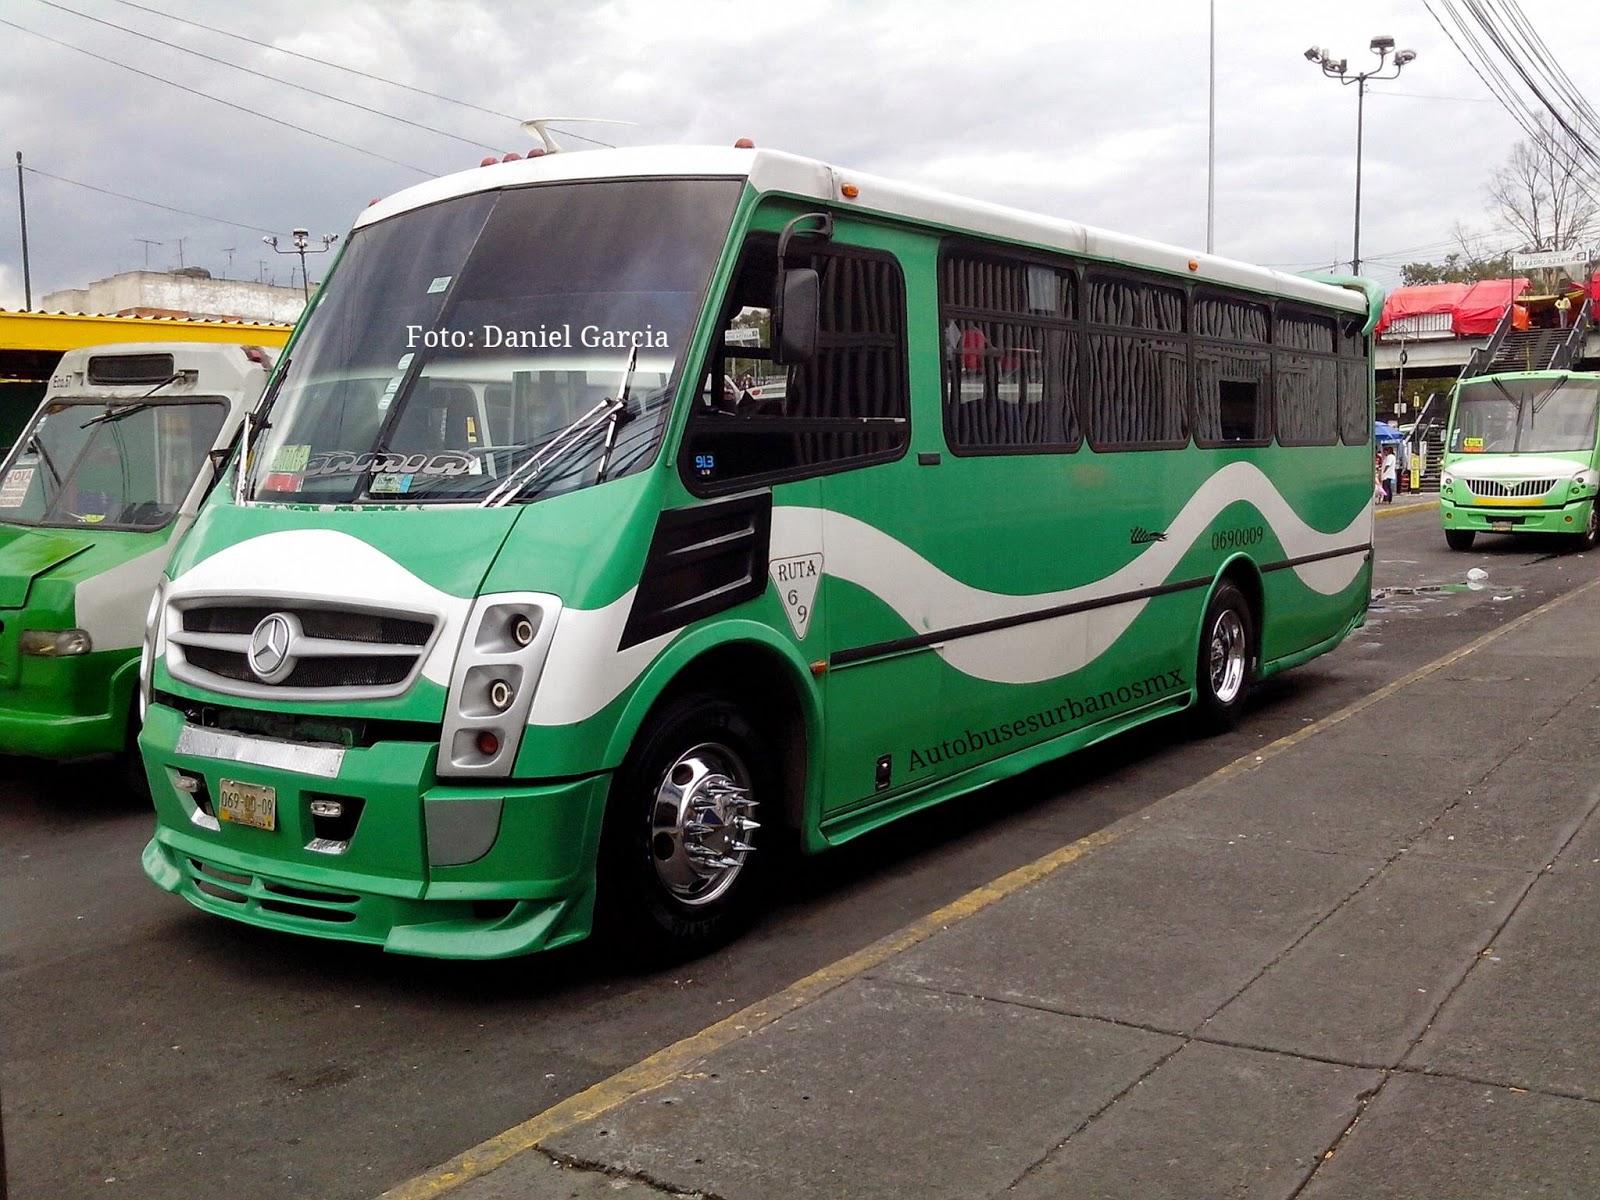 Autobuses urbanos ciudad de m xico mercedes benz operbus for Mercedes benz com mx mexico